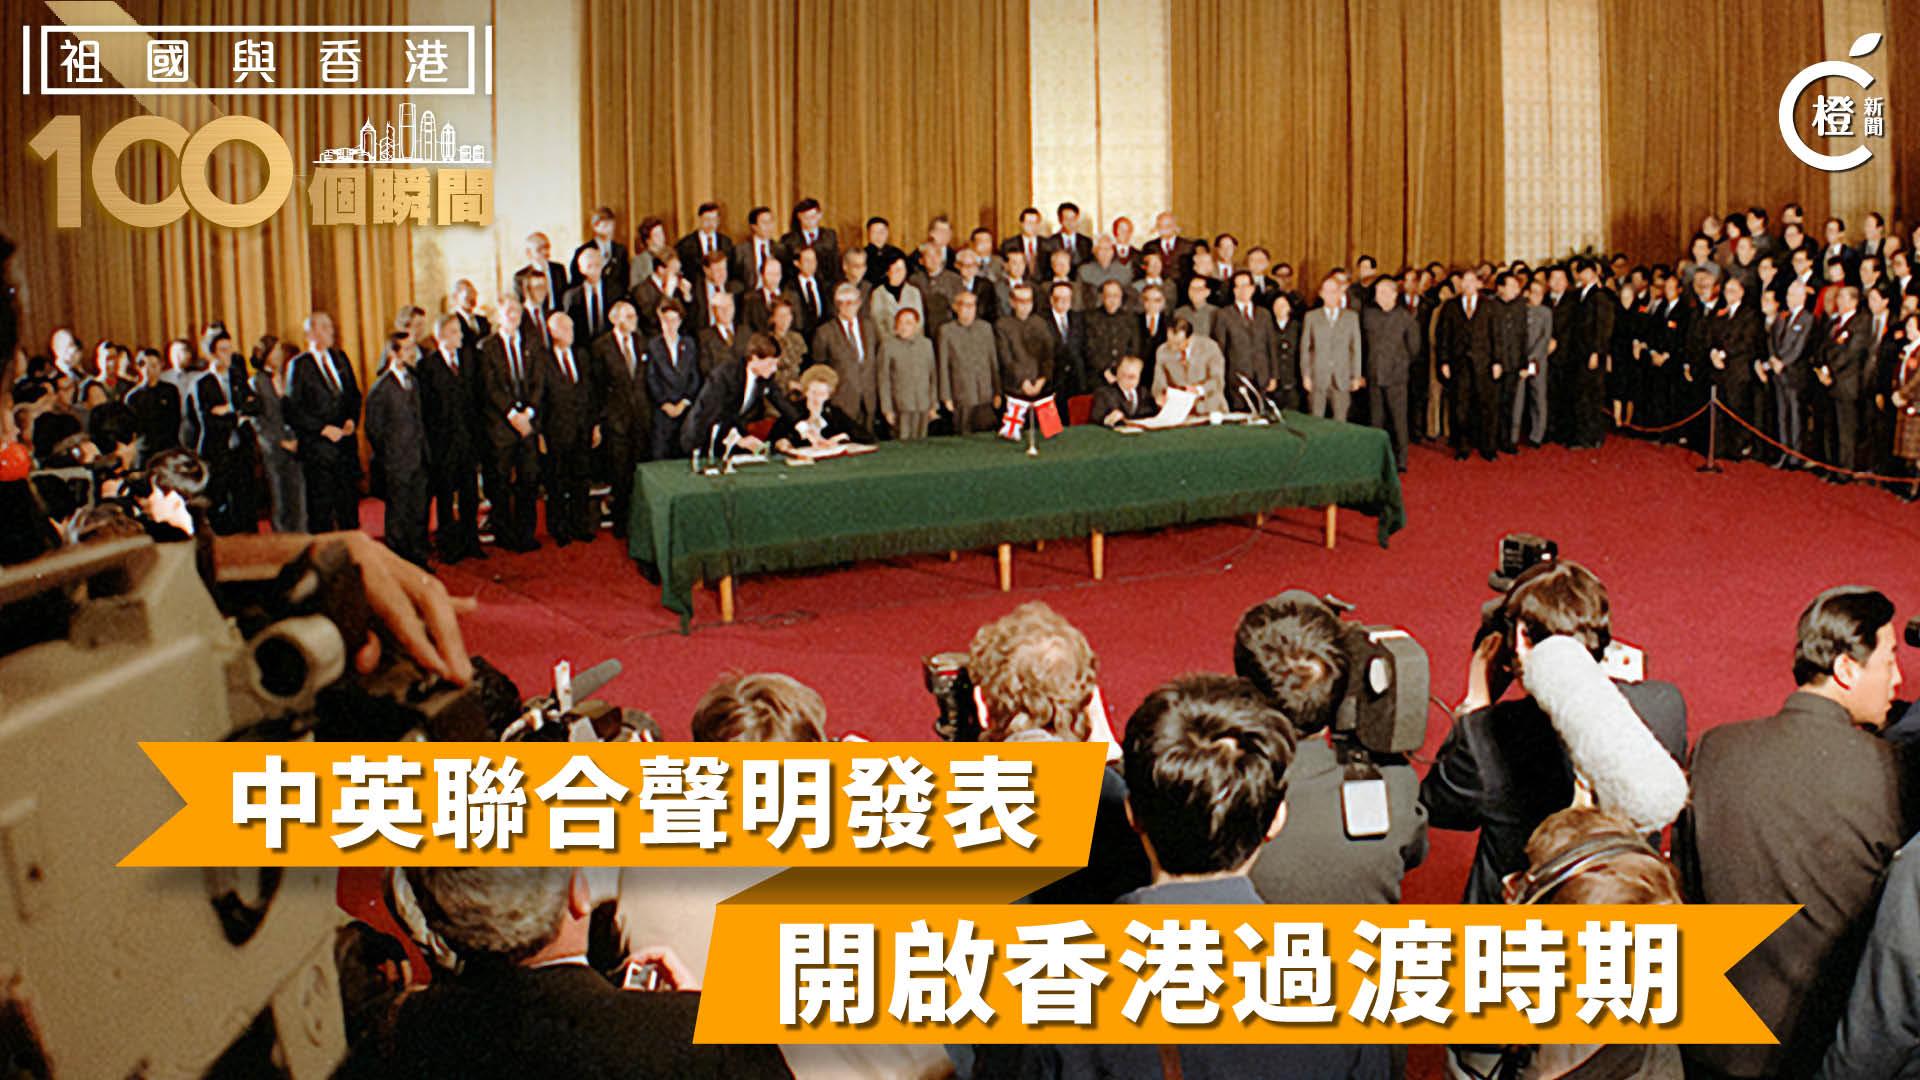 【祖國與香港100個瞬間】中英聯合聲明簽訂 開啟香港過渡時期